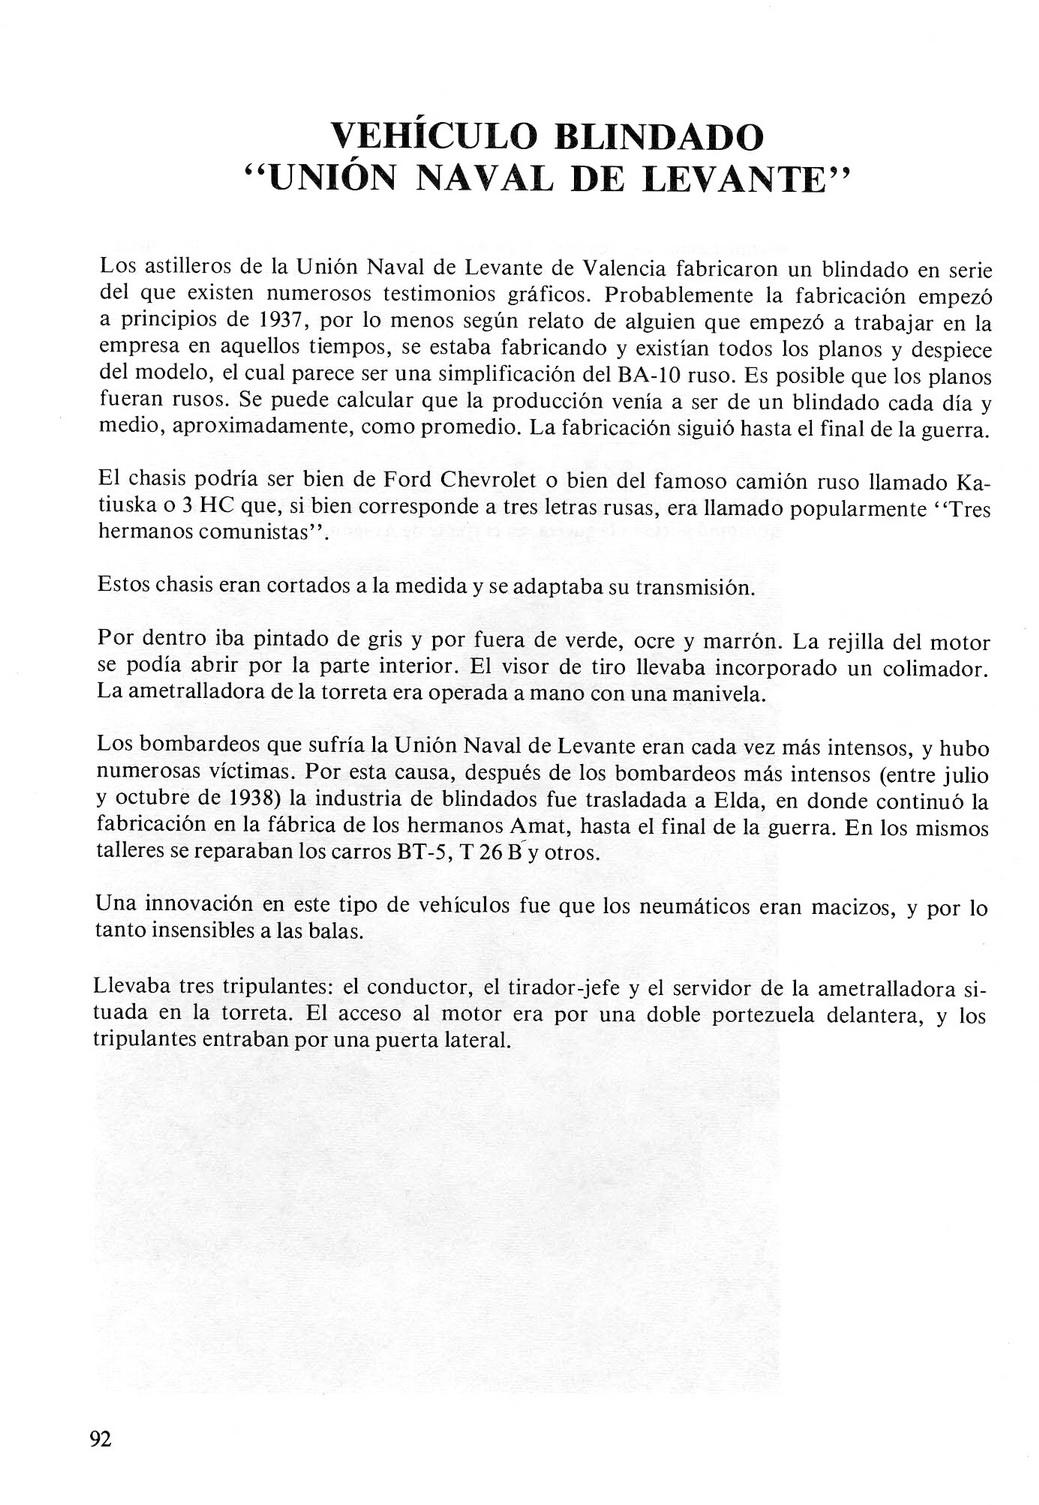 Carros De Combate Y Vehiculos Blindados De La Guerra 1936 1939 [F.C.Albert 1980]_Страница_090.jpg